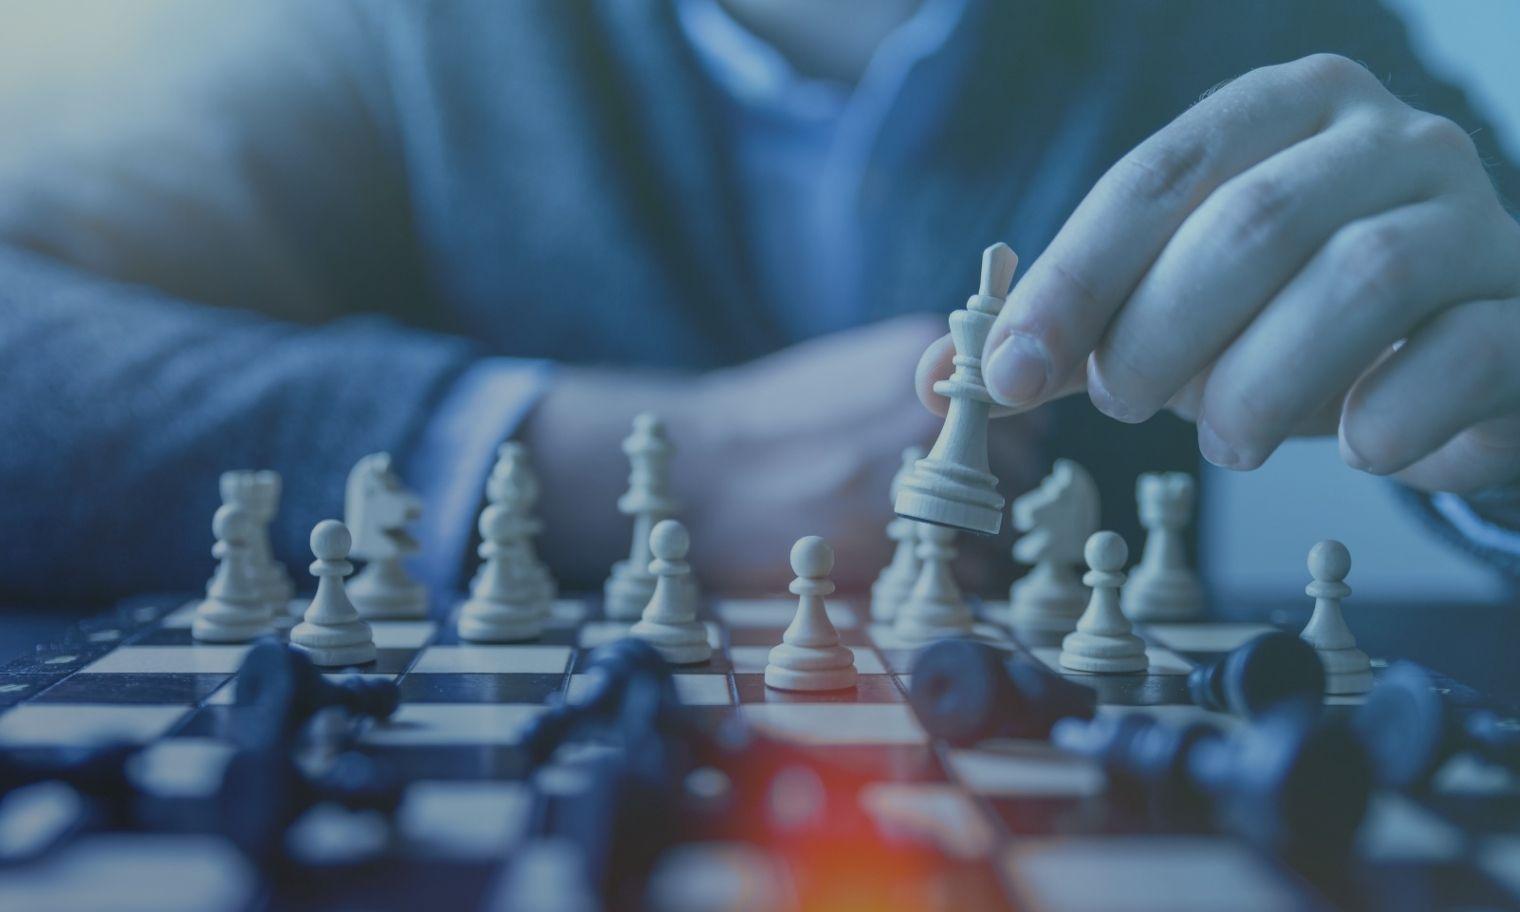 Ciberseguridad: el reto de las empresas | Blog Visionarios